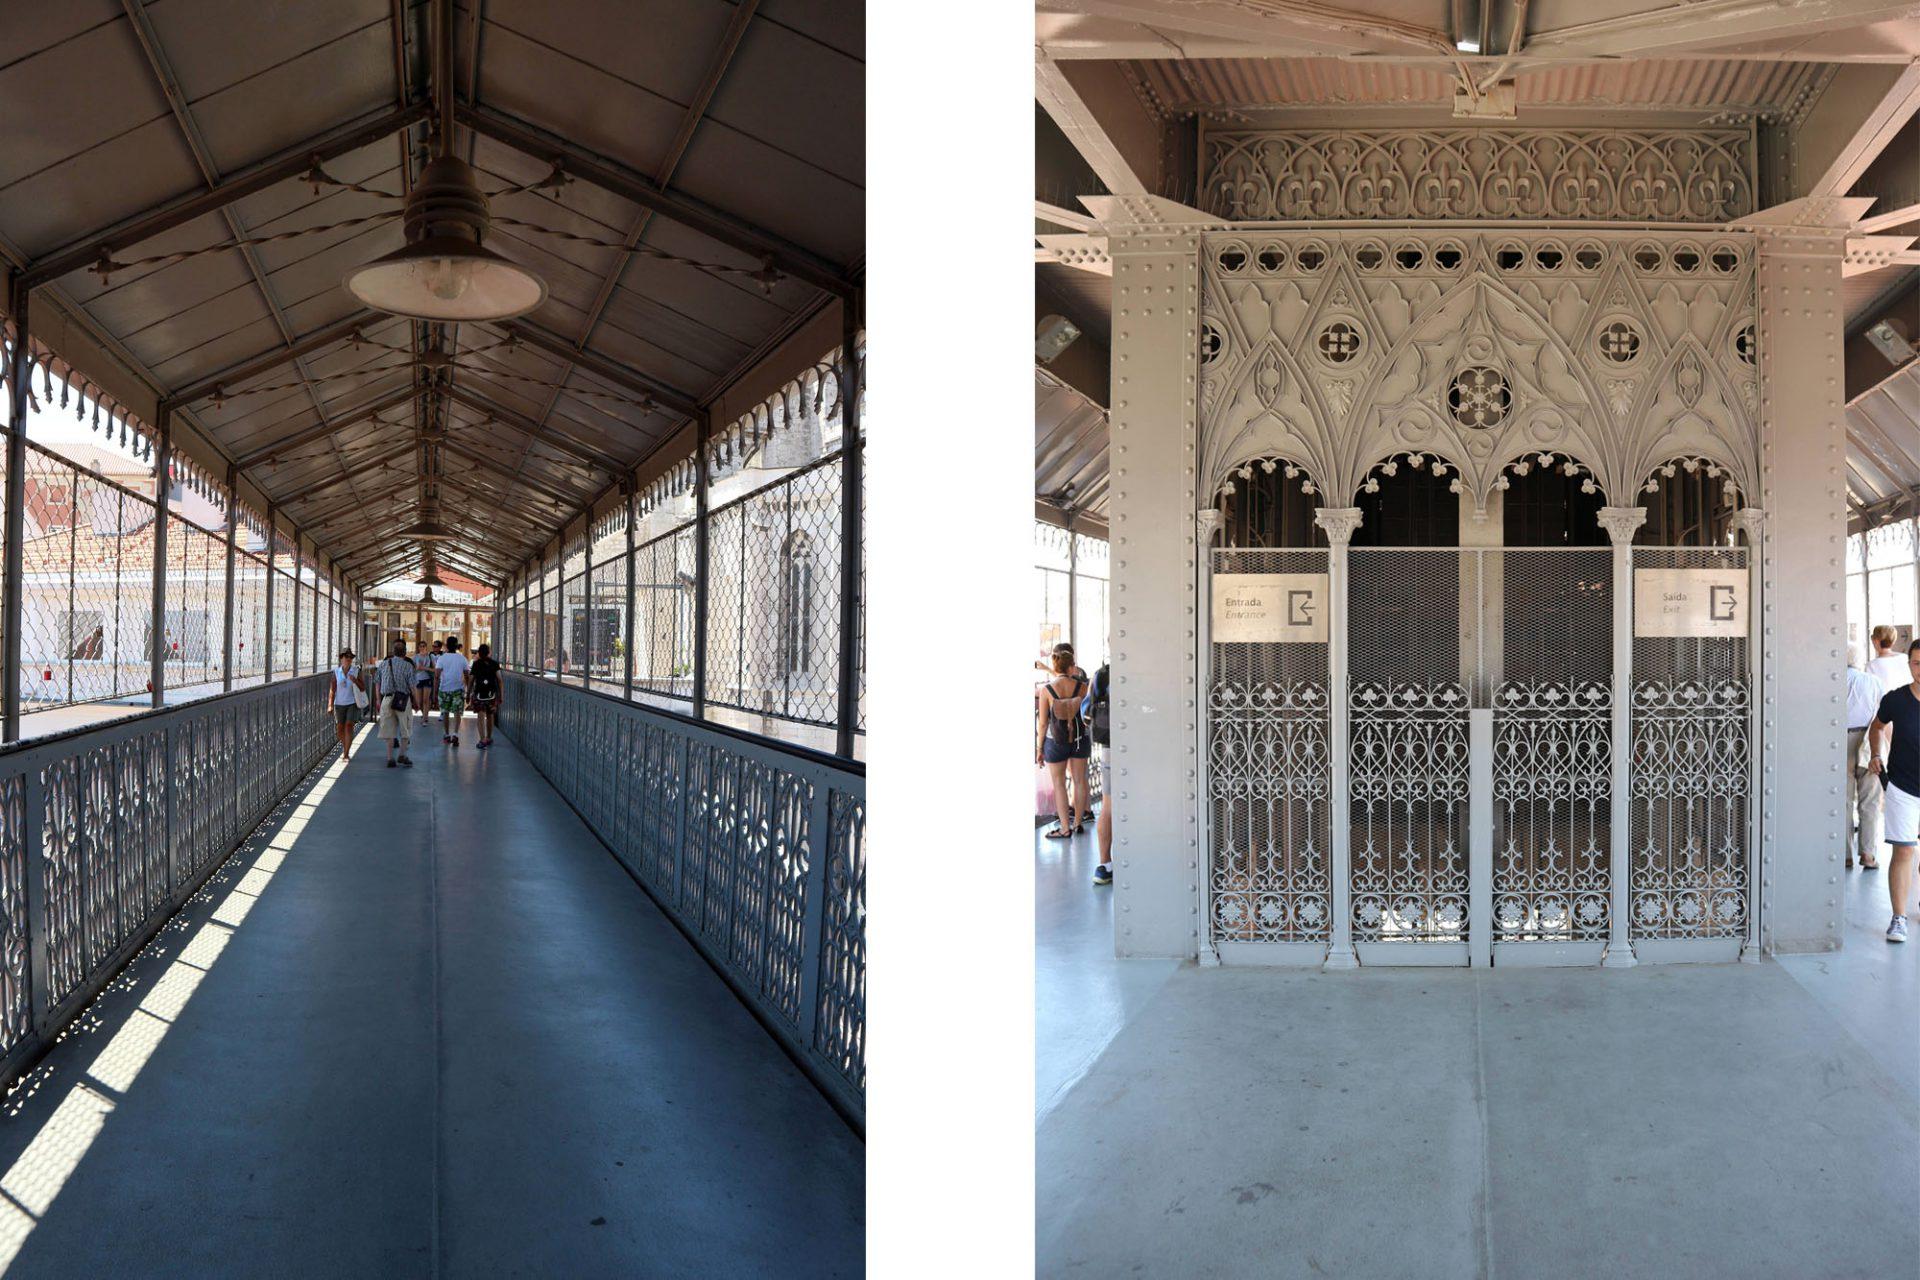 Elevador de Santa Justa. Gehweg und Turm werden durch neo-gotische Elemente definiert.